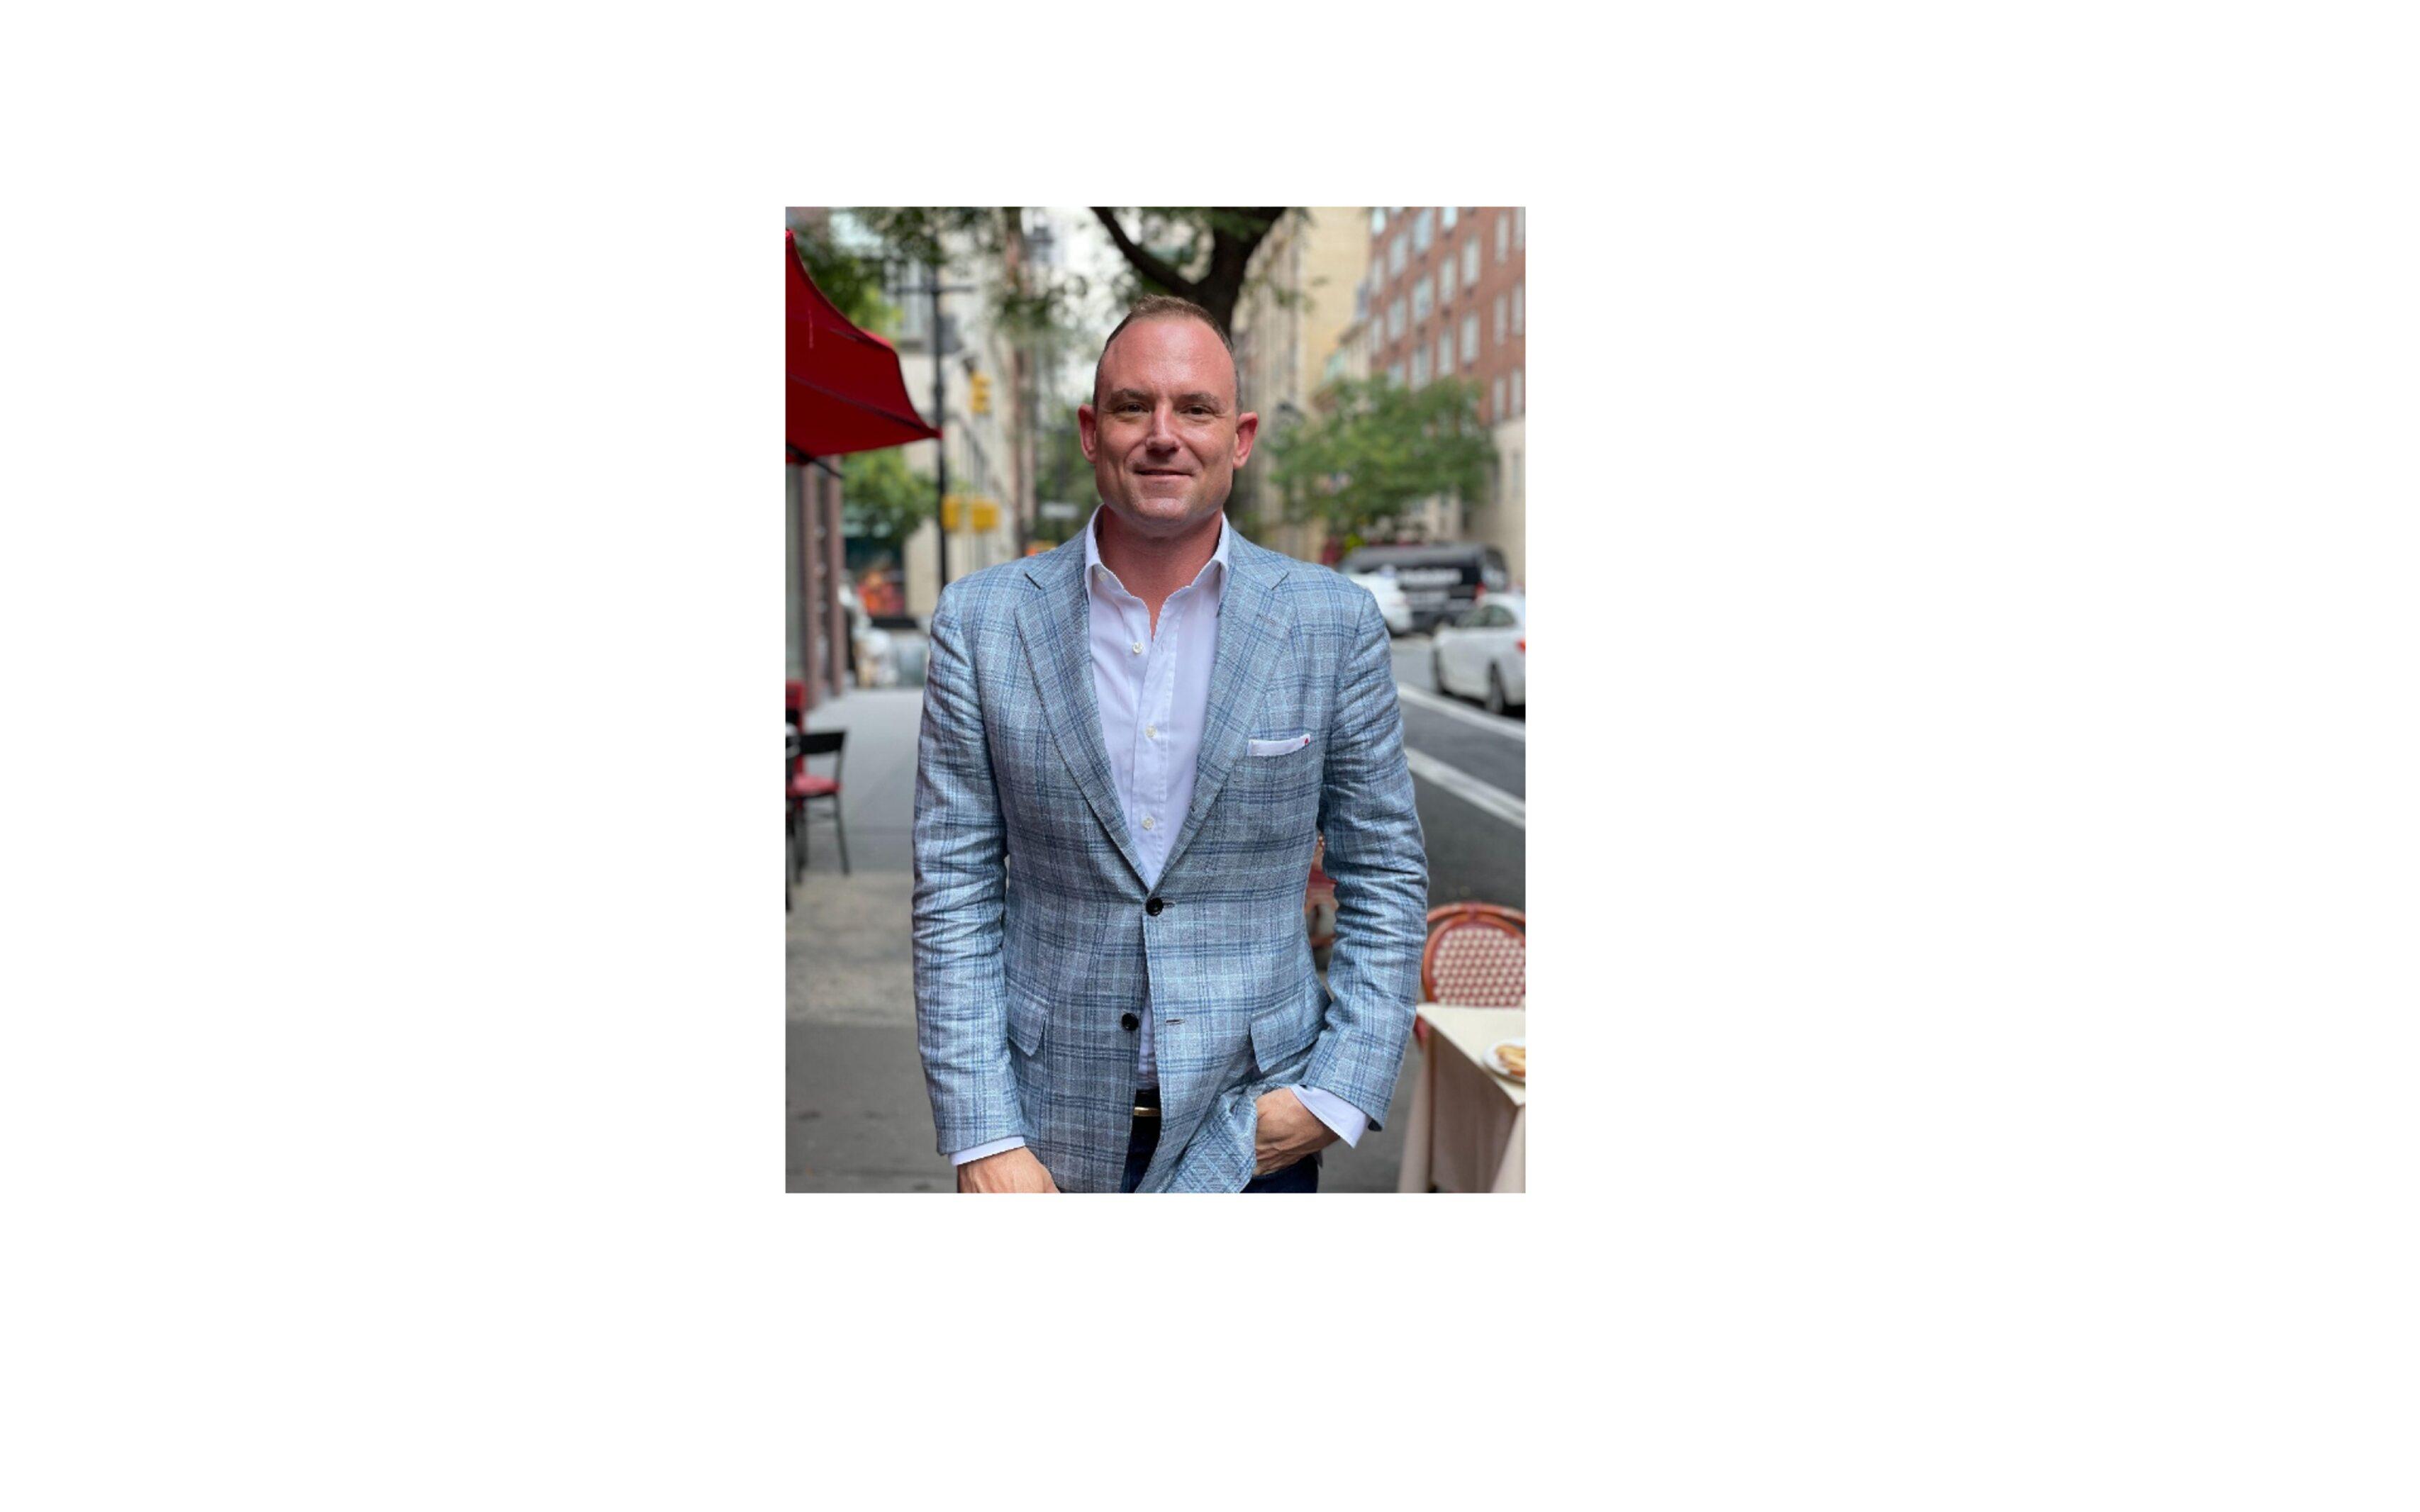 M Patrick Carroll's CARROLL Joins GFH For $200 Million Las Vegas Acquisition